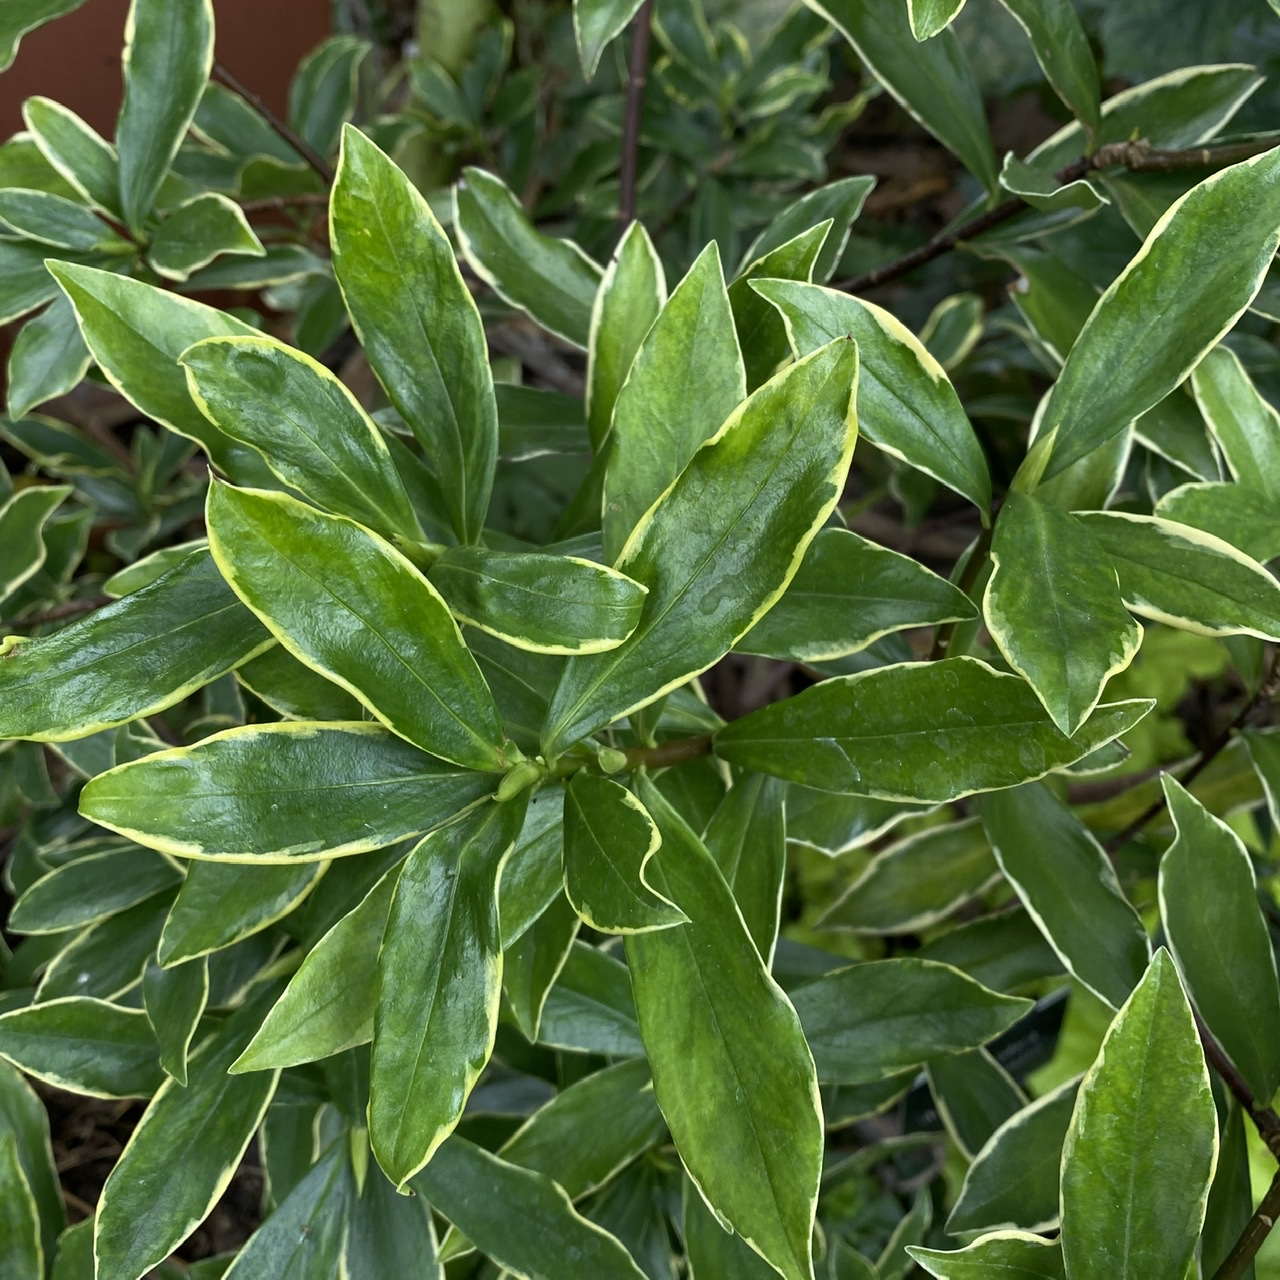 Daphne odora 'Aureomarginata' (Gold Edged Winter Daphne)